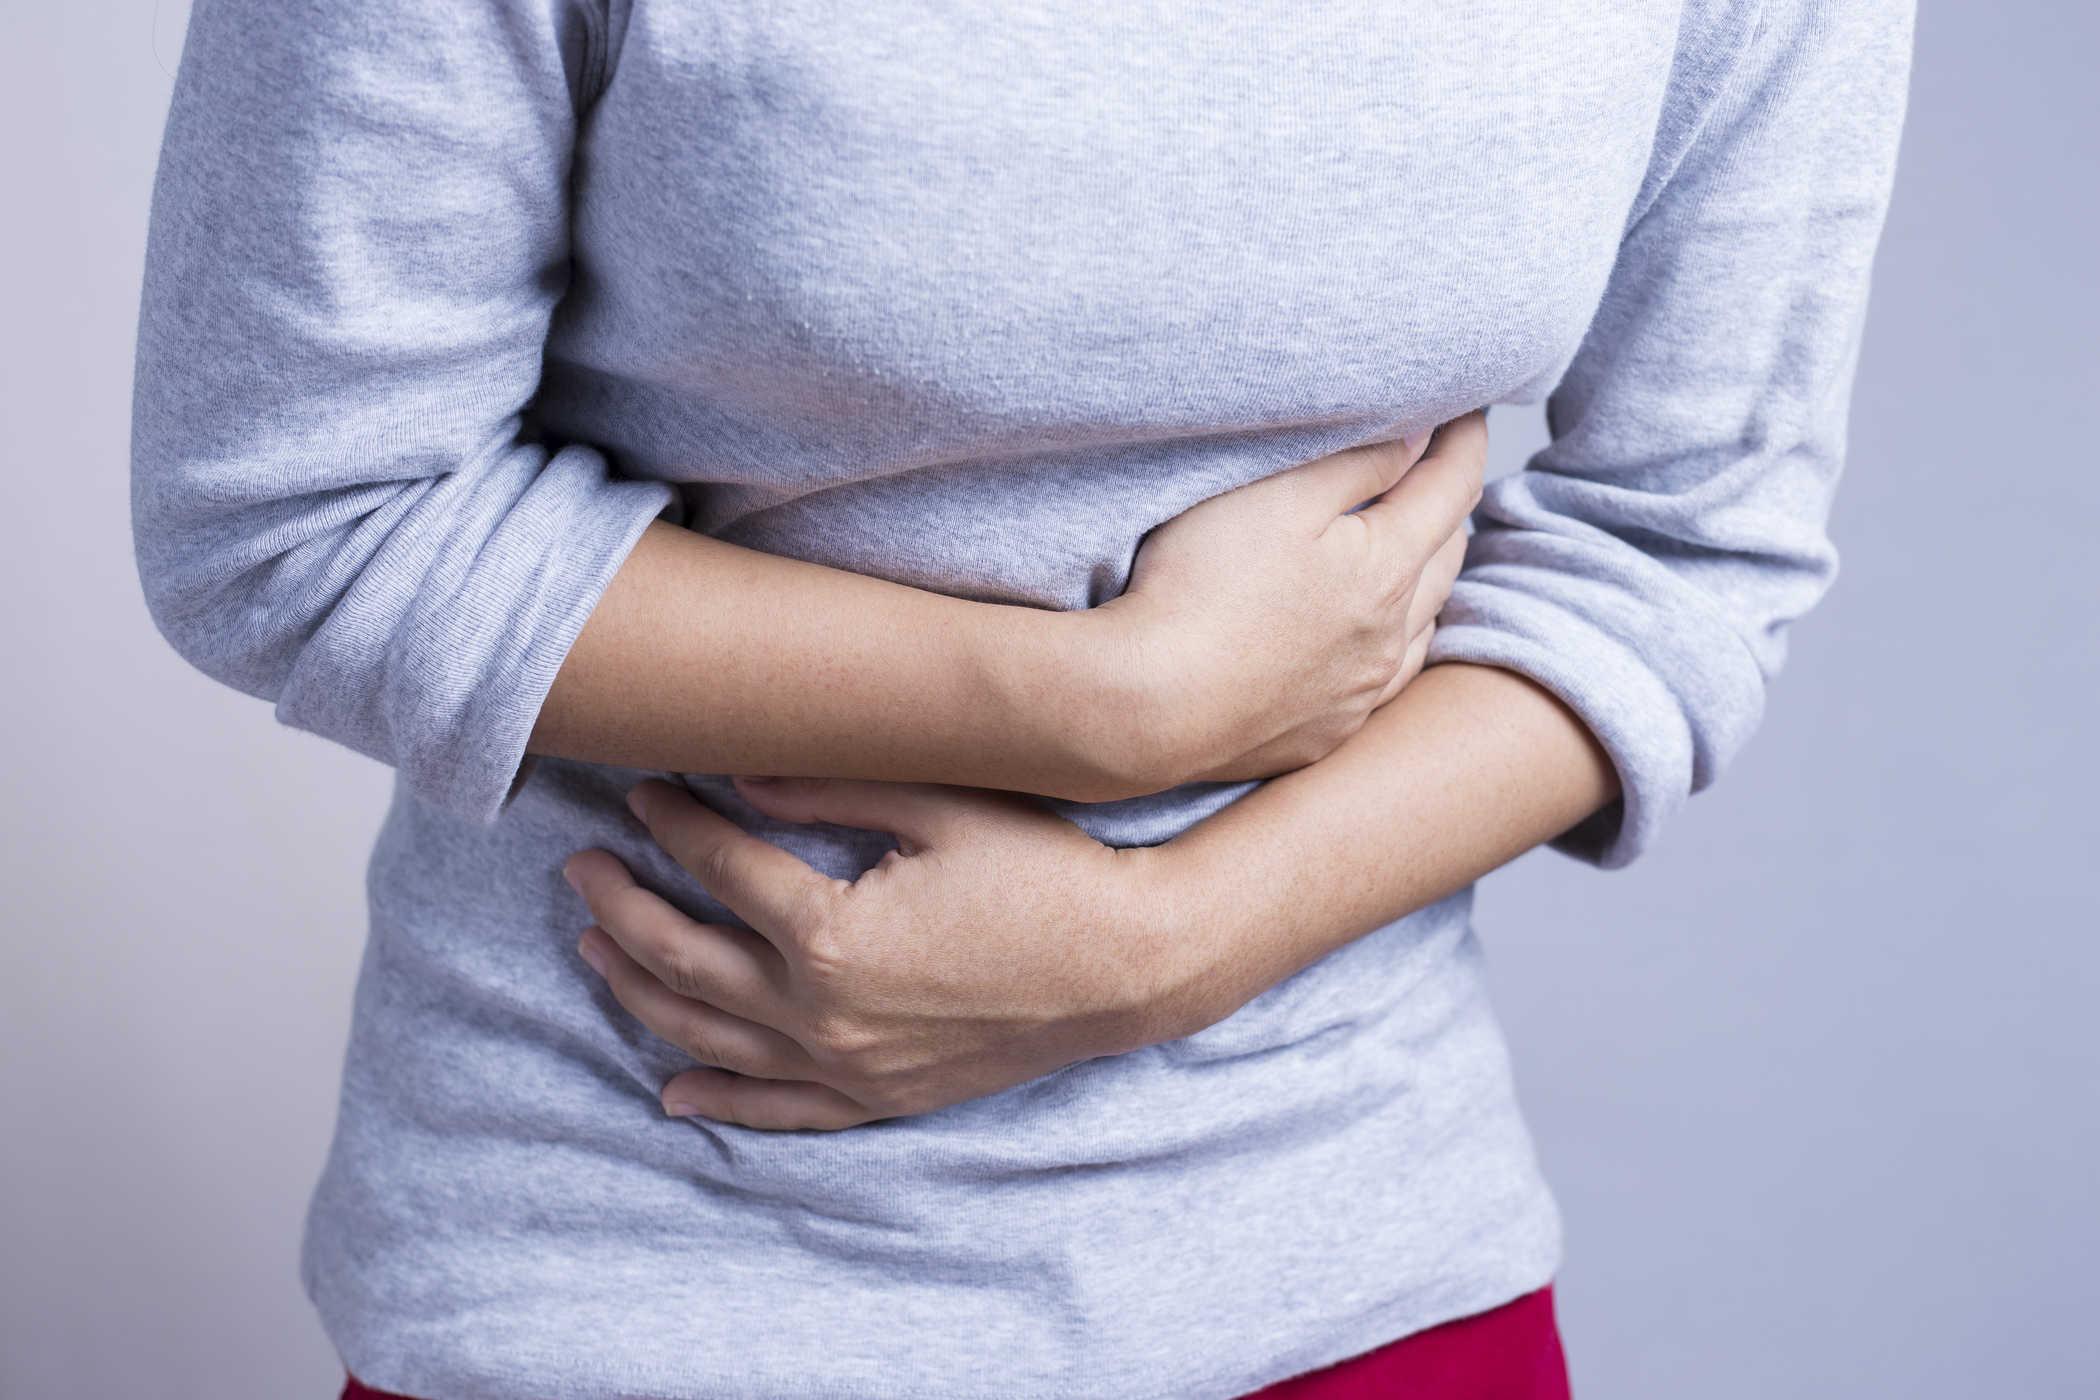 Dạ dày khó chịu, hay ợ hơi có phải dấu hiệu viêm dạ dày không?